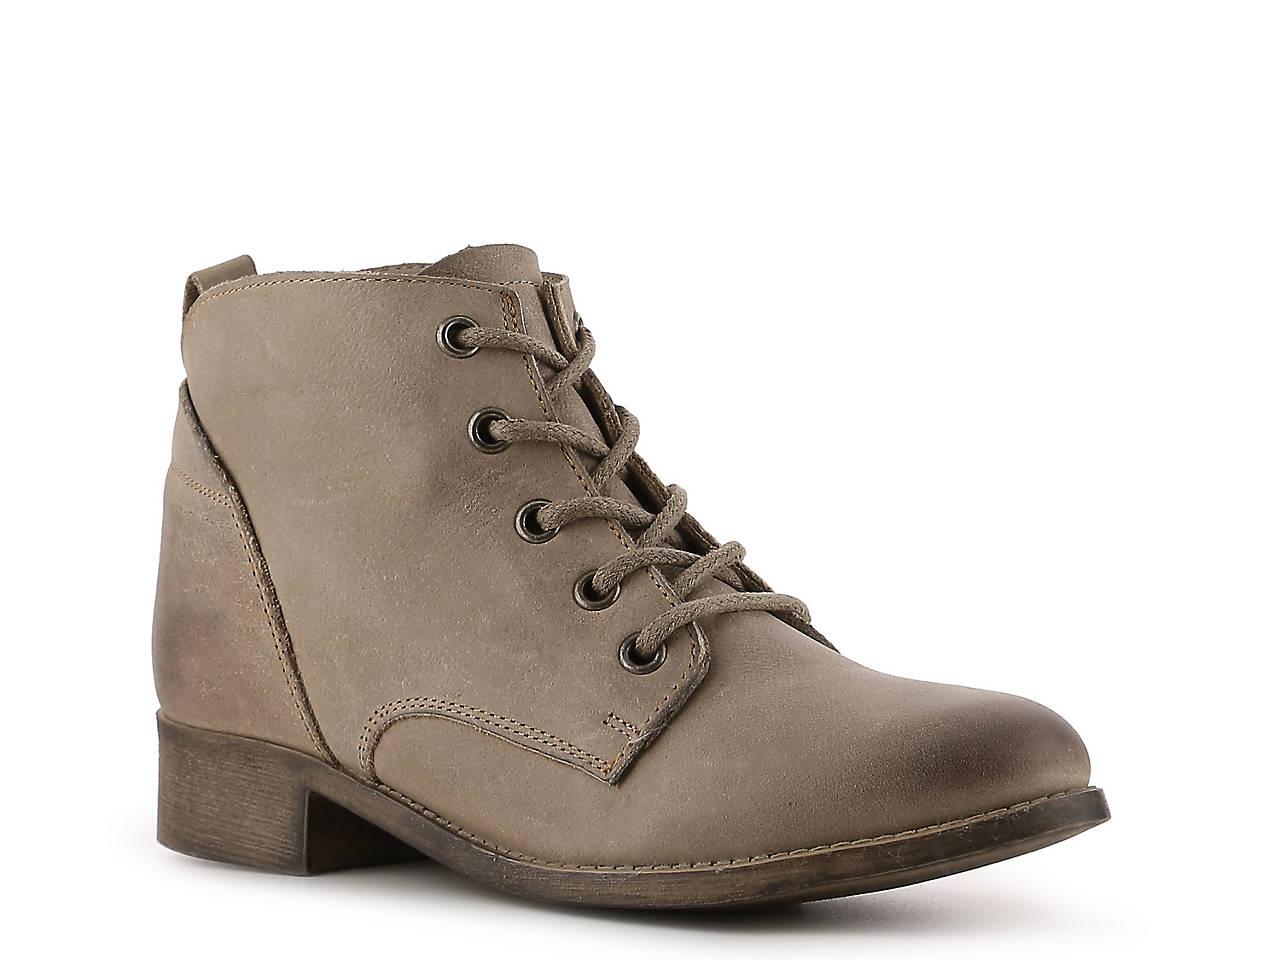 db33d7a3cee Steve Madden Rubin Bootie Women s Shoes